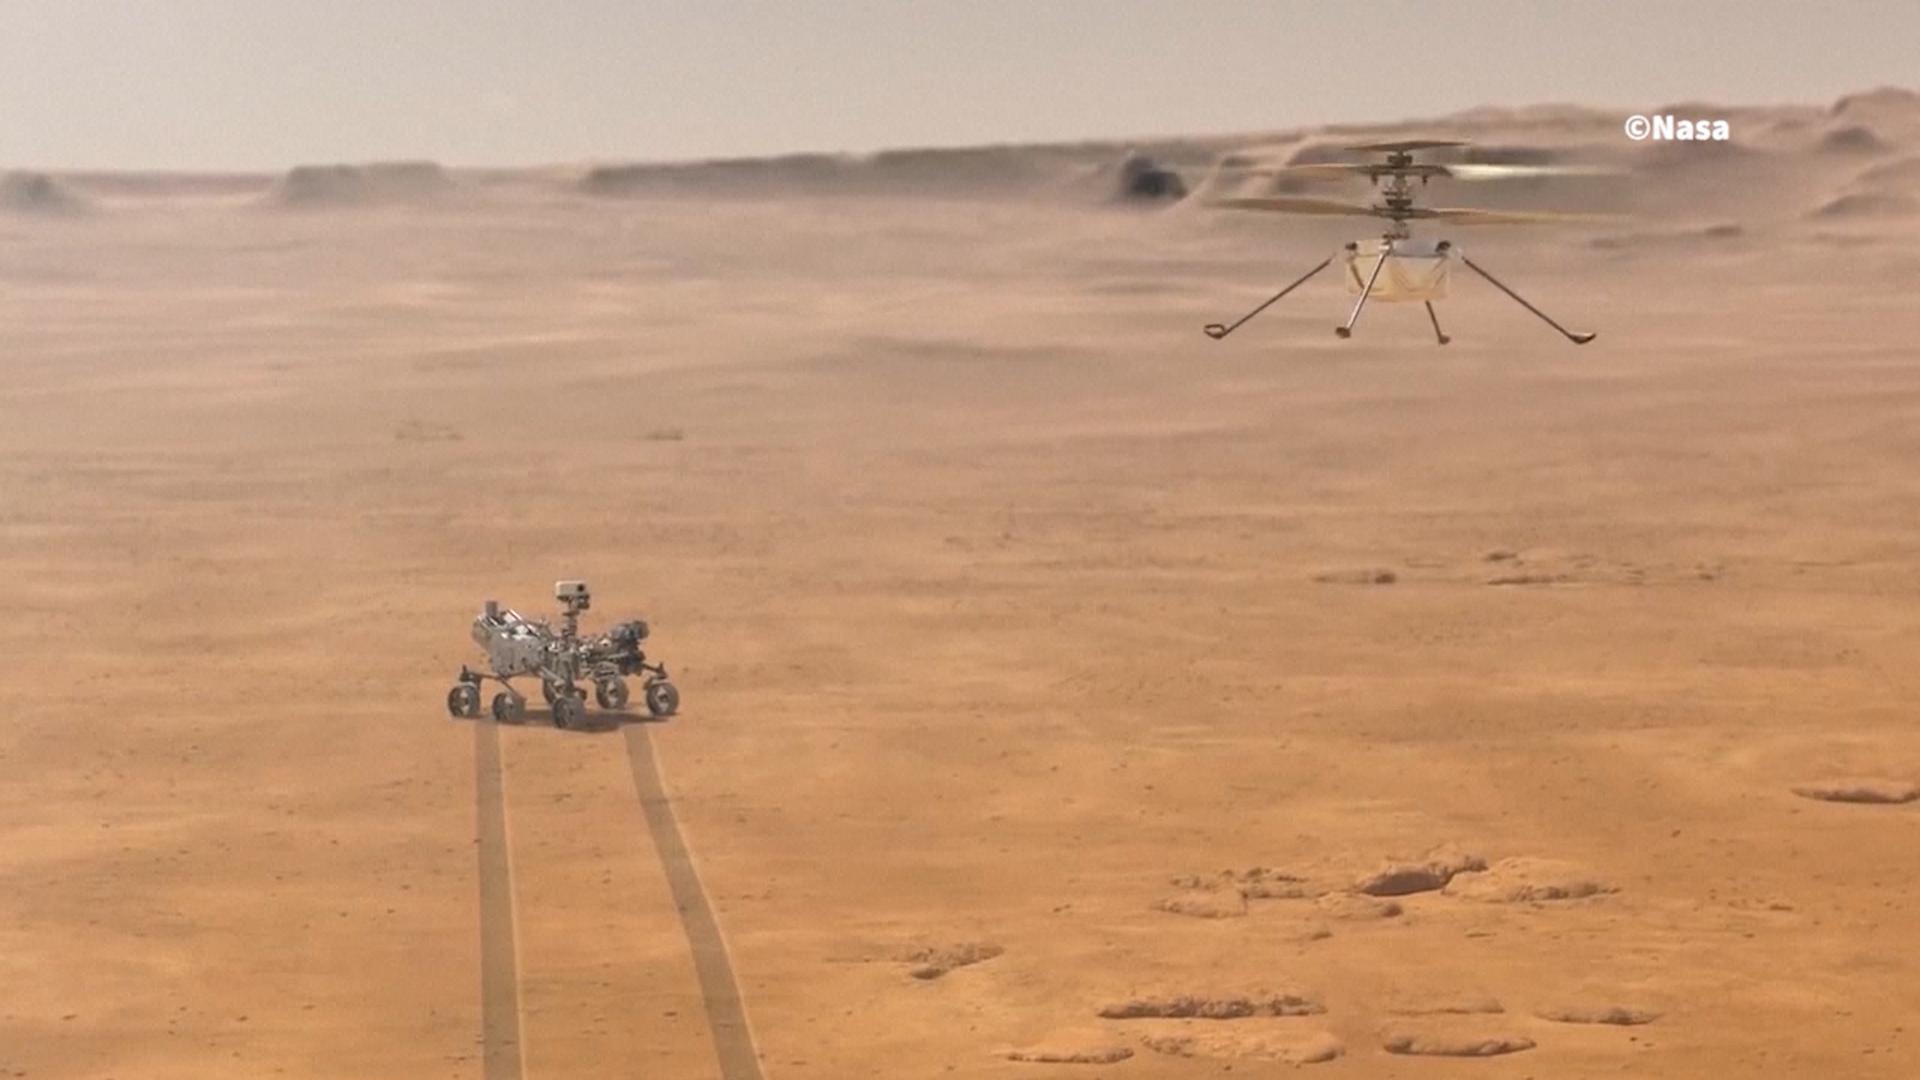 El robot Ingenio volará sobre Marte en 5 ocasiones (NASA)